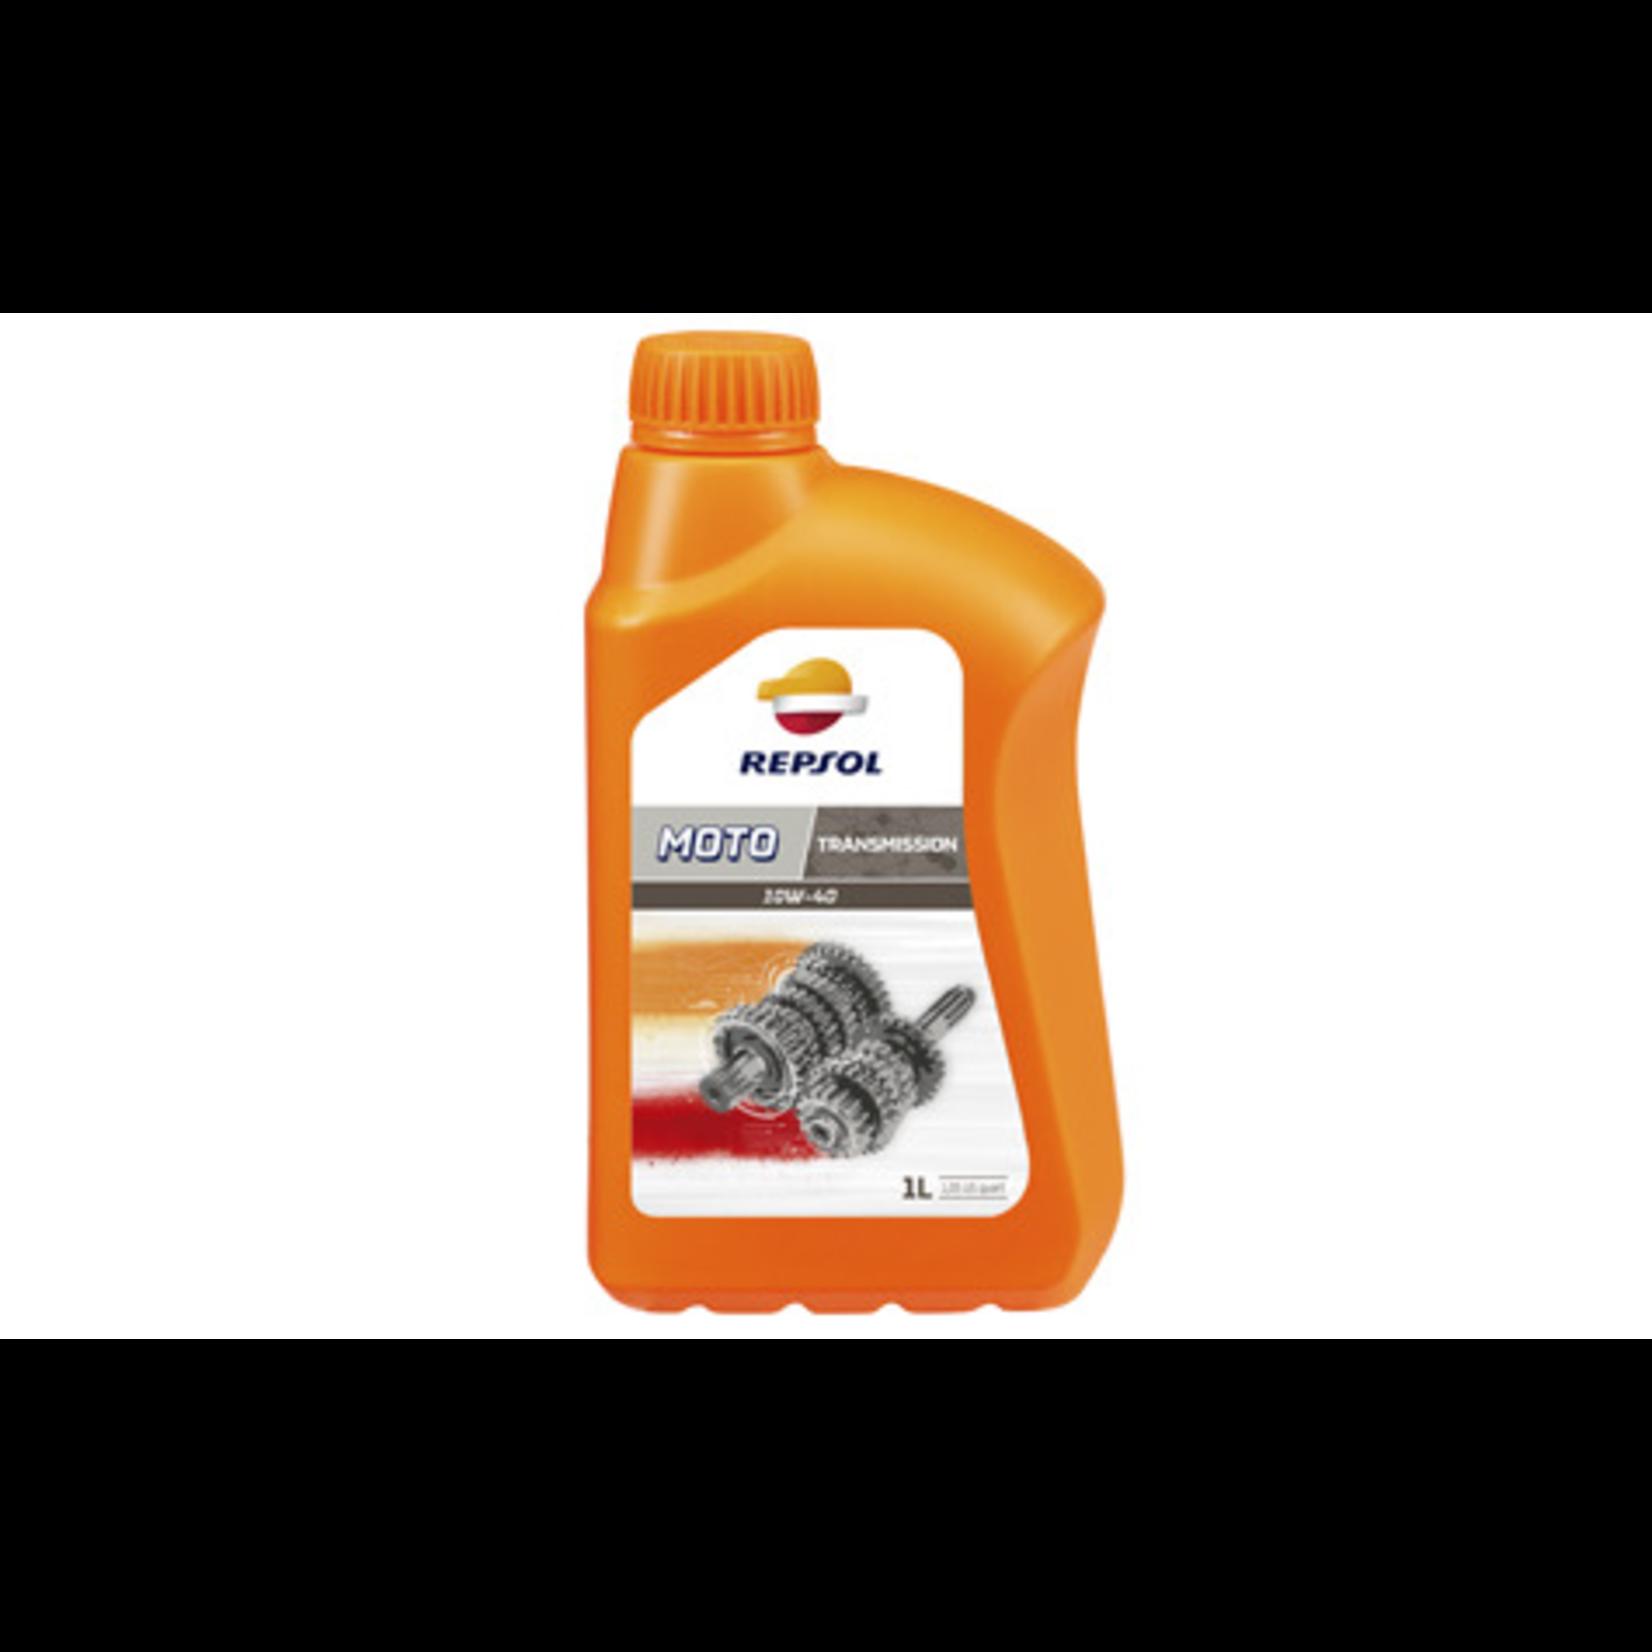 Parts Oil, Repsol 80w90 Gear